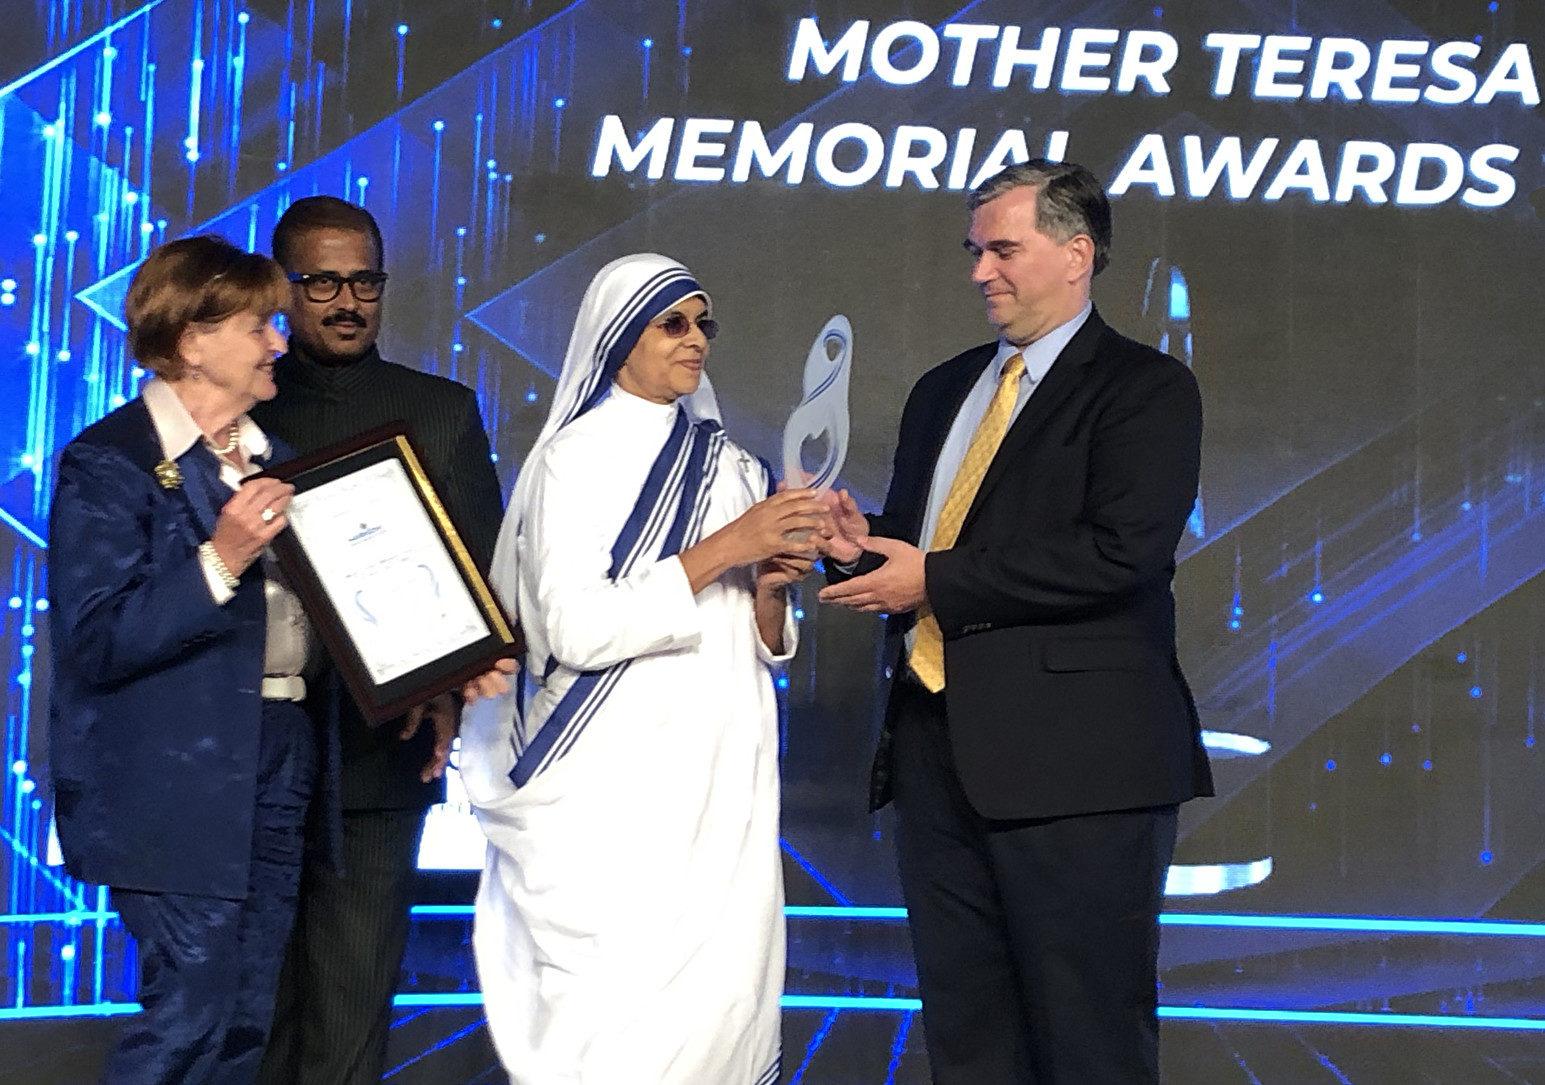 「醫生反強摘器官組織」獲頒社會正義獎